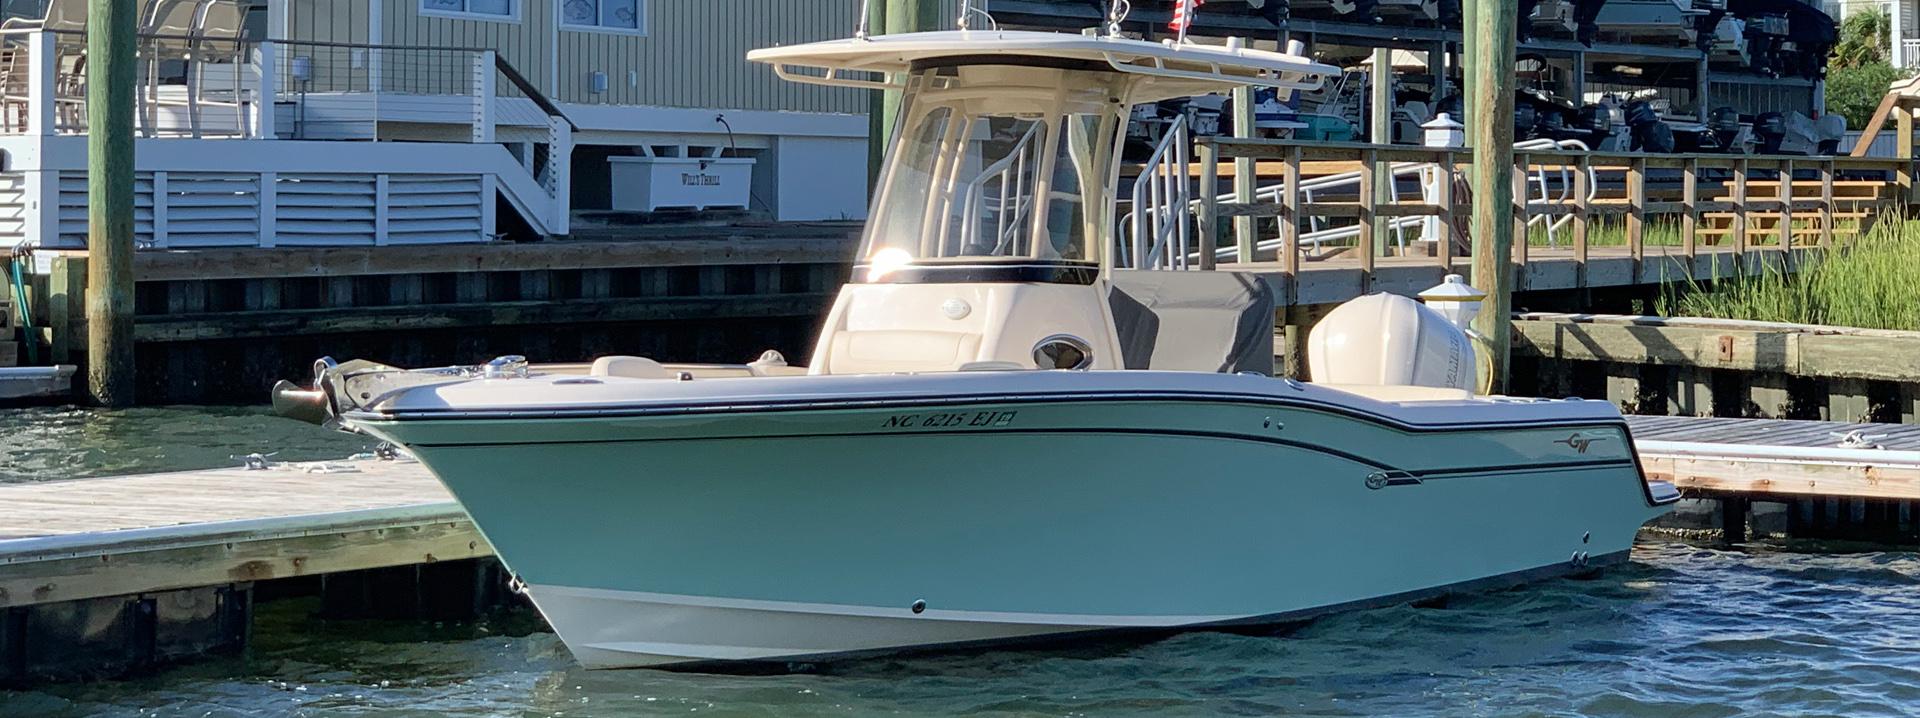 2019 Grady-White 236 Fisherman - DEMO -